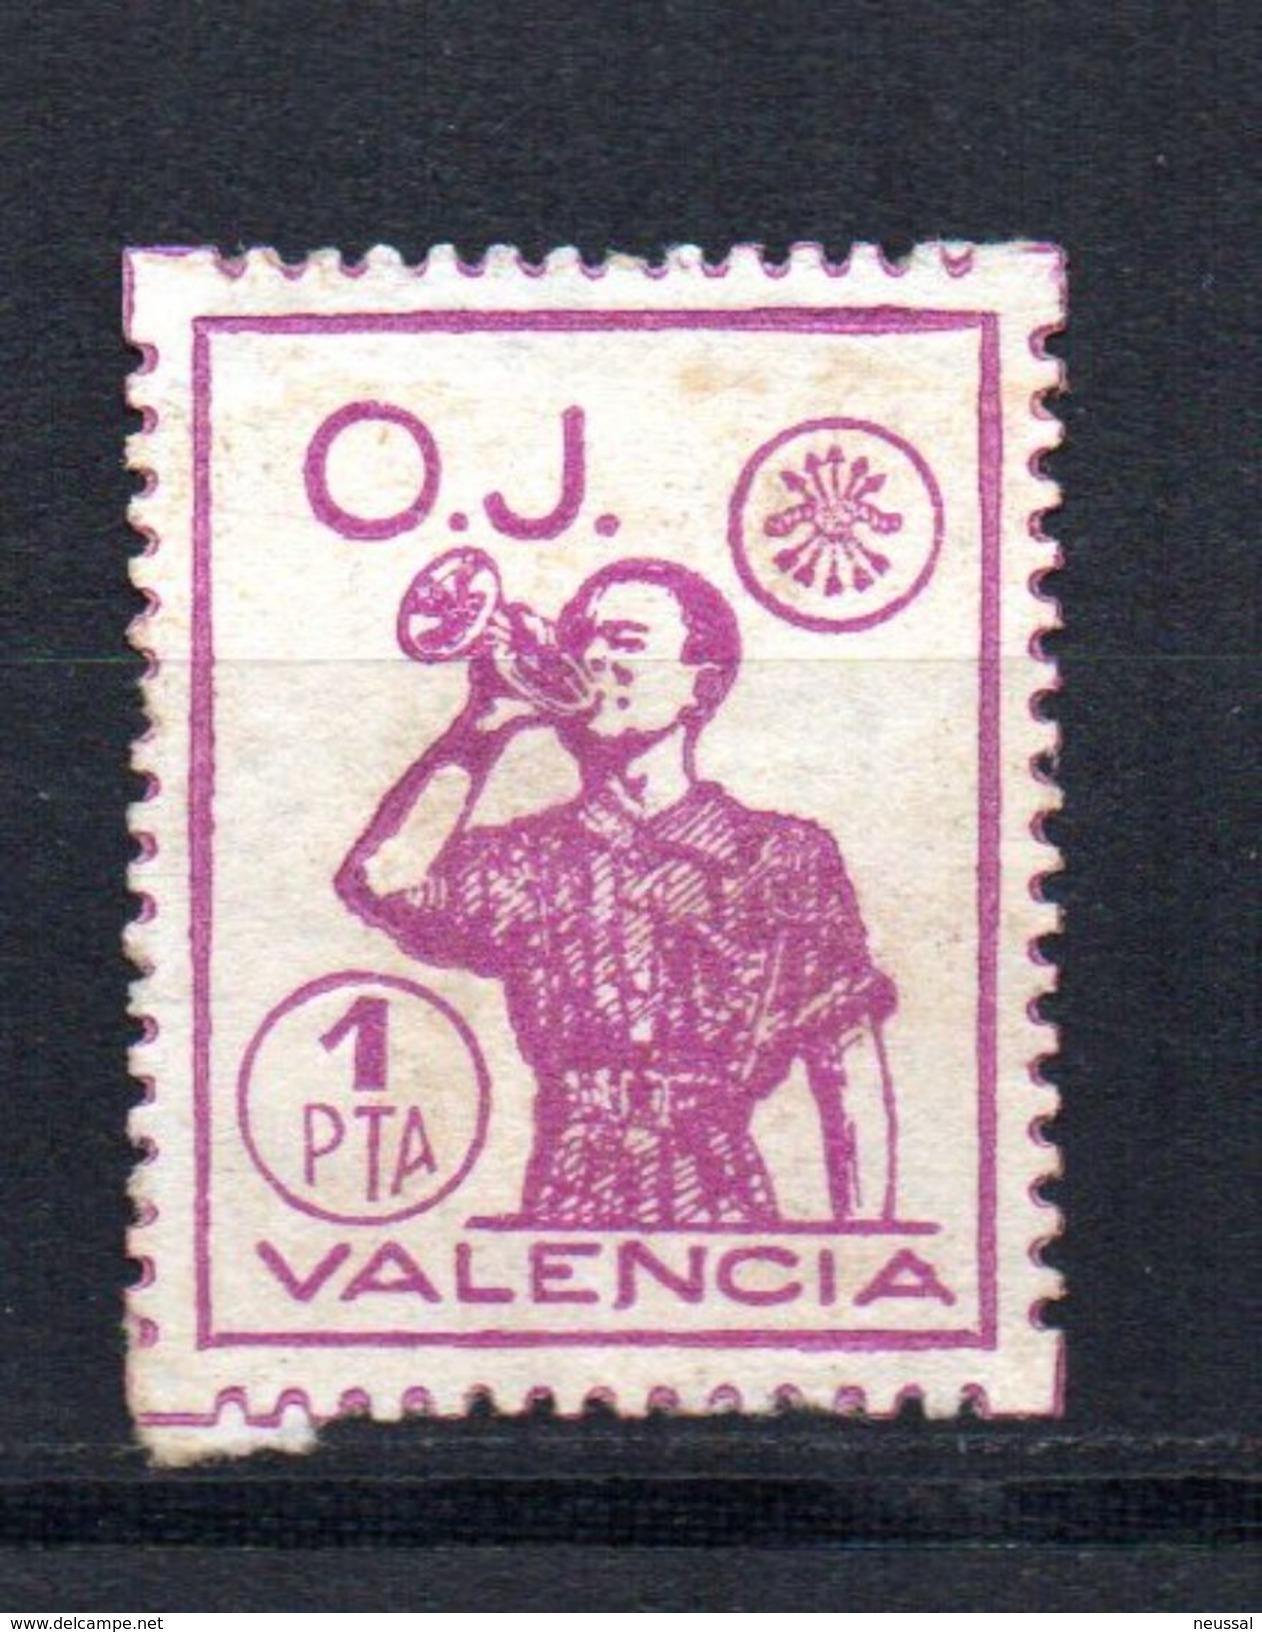 Viñeta Nº 82  OJ   Valencia. - Viñetas De La Guerra Civil